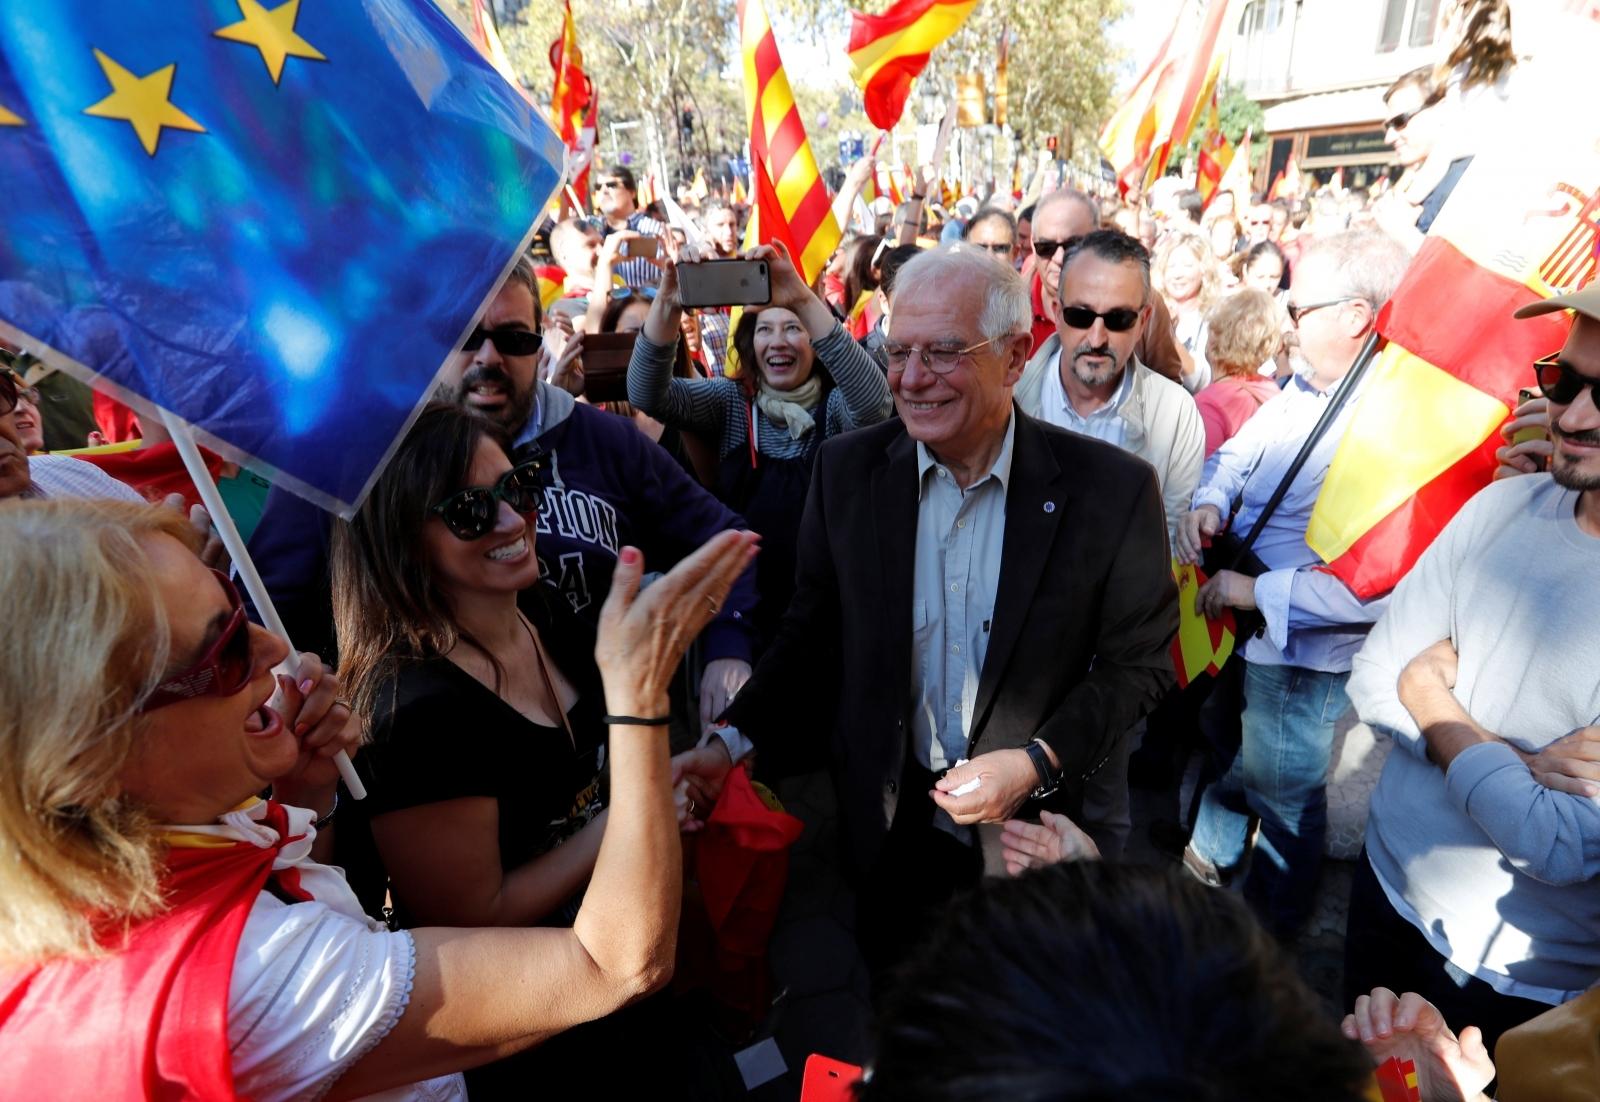 barca protests catalan 2